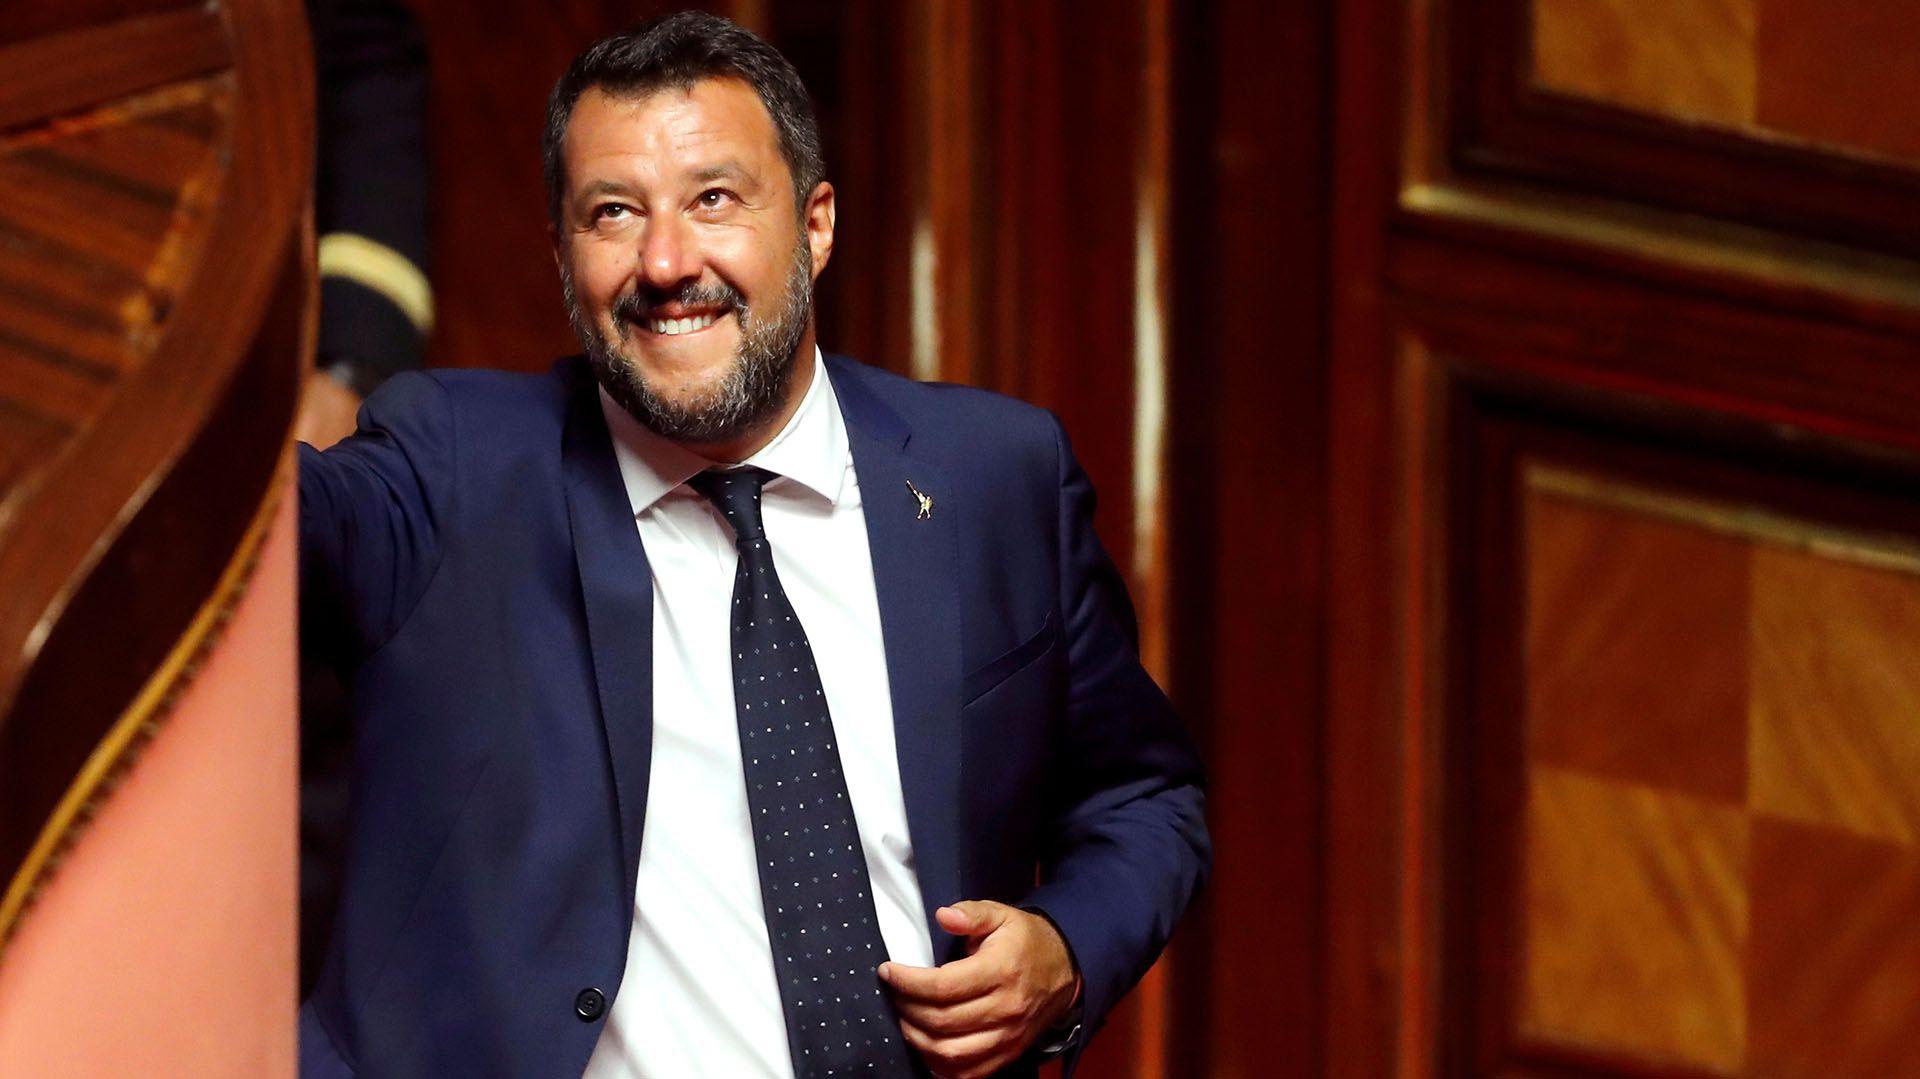 El Ministro del Interior y Viceprimer Ministro de Italia, Matteo Salvini, tras impulsar un voto de confianza contra el gobierno en el Senado, el 5 de agosto de 2019 (REUTERS/Remo Casilli – RC1DC8615210/File Photo)